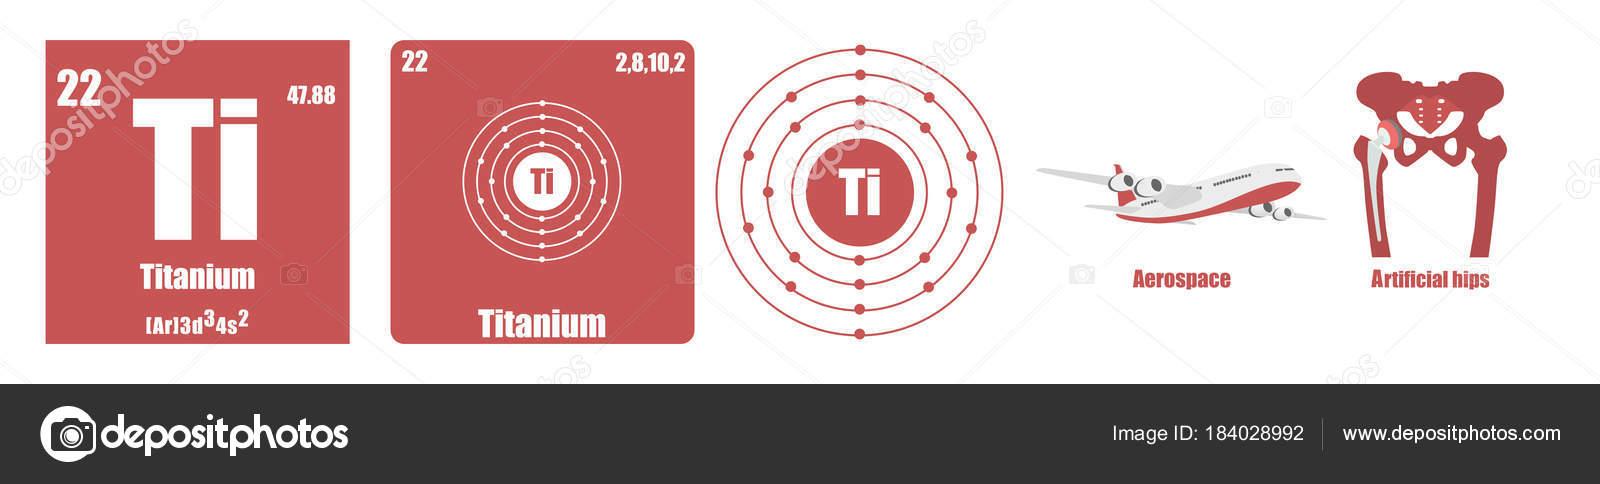 Tabla periodica de los elemento de transicin metales titanio tabla periodica de los elemento de transicin metales titanio vector de stock urtaz Choice Image